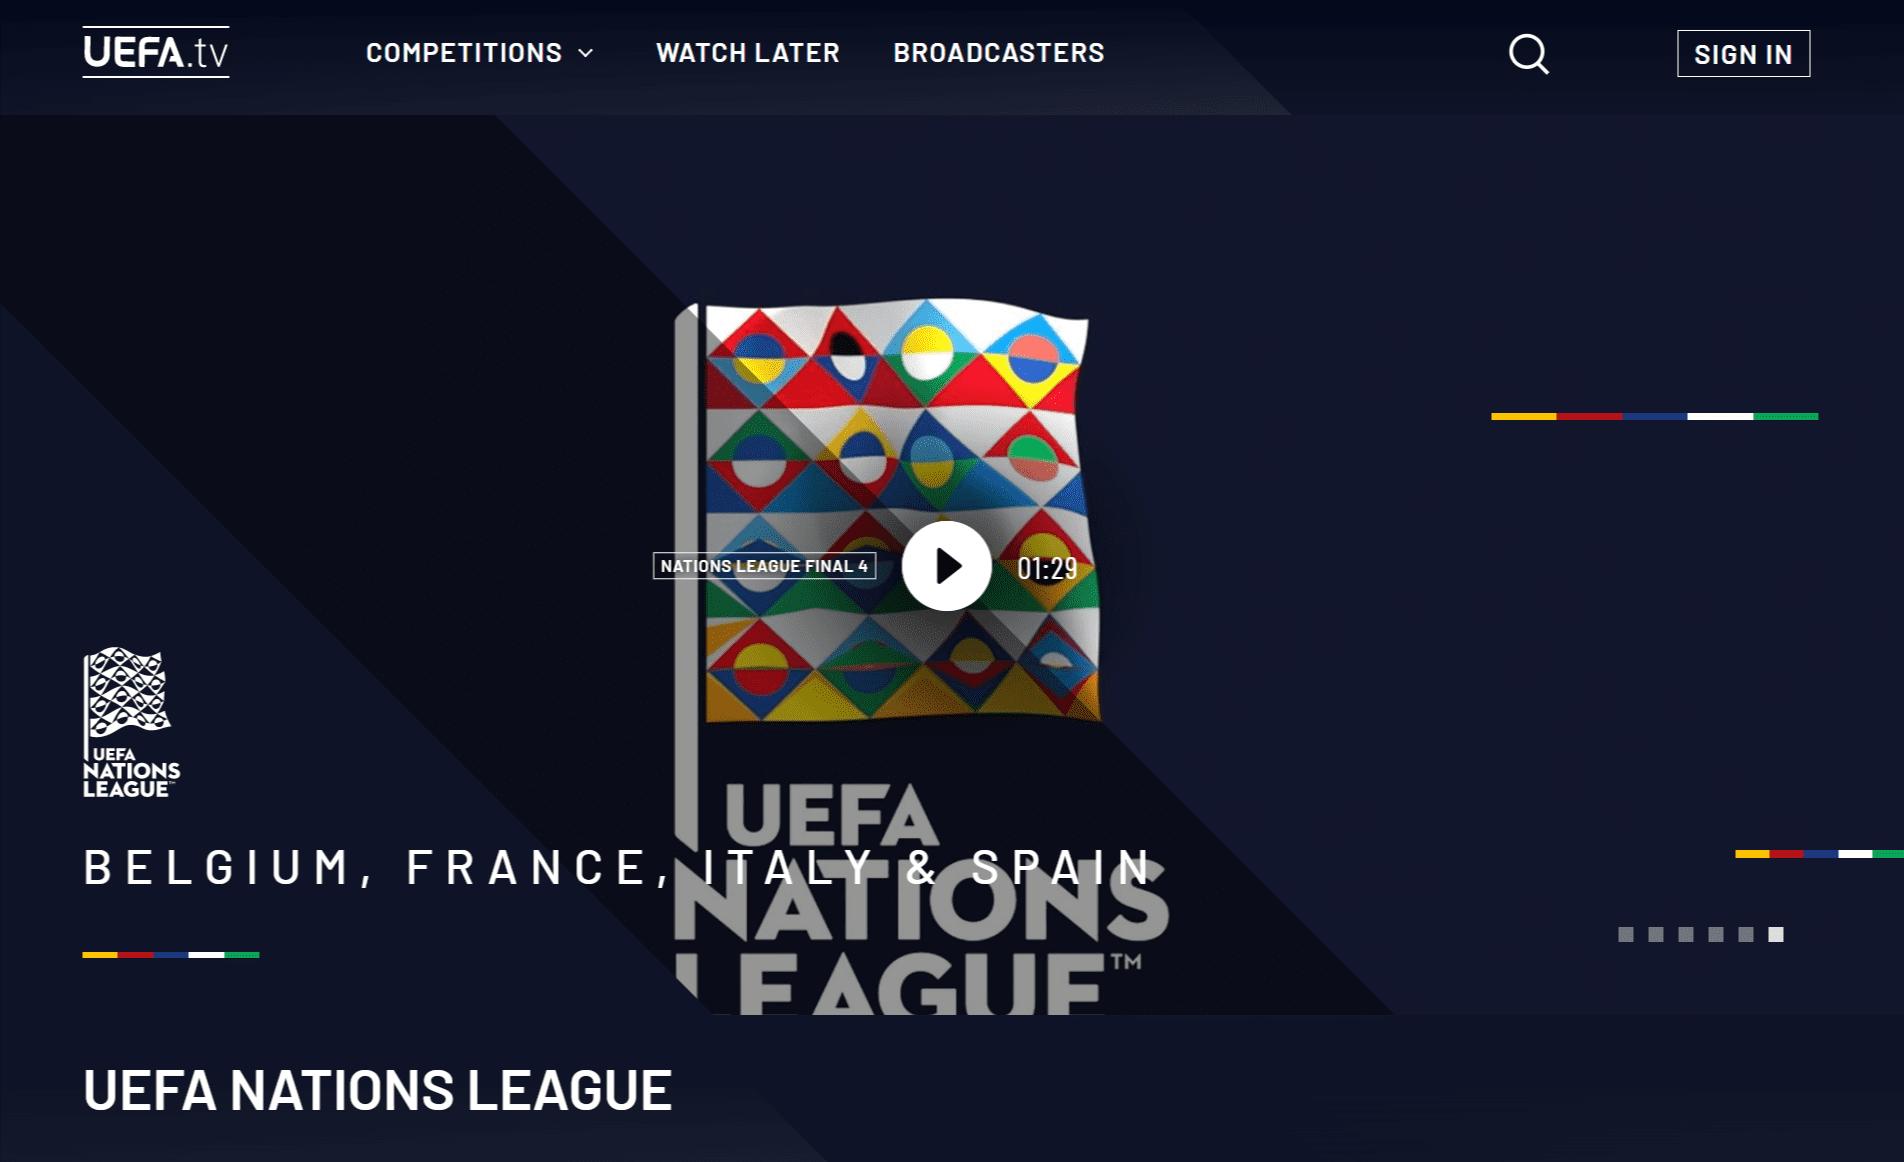 UEFAtv_ネーションズリーグファイナルズ配信 (1)